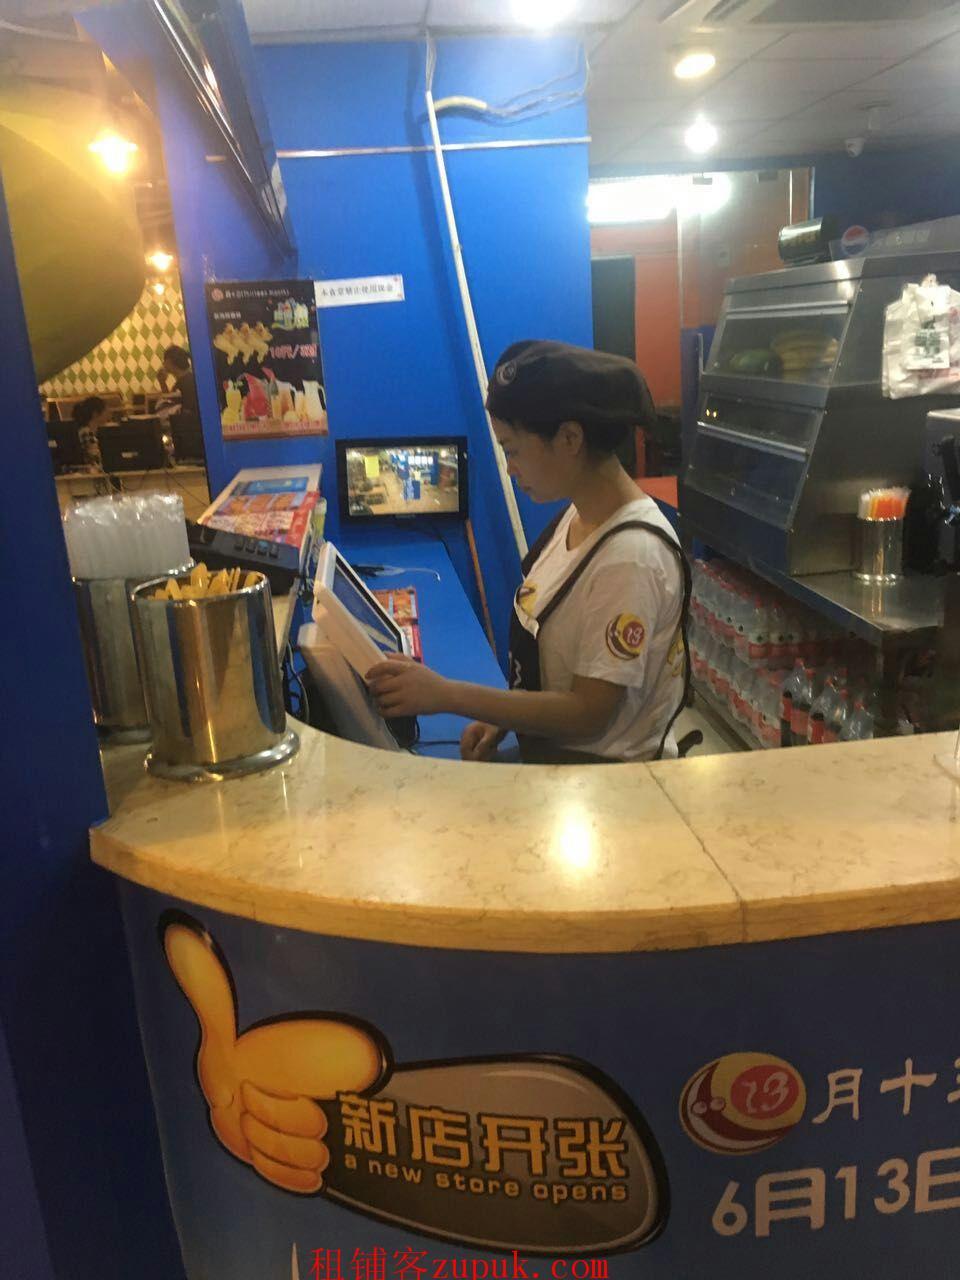 个人低价转让重大B区美食广场汉堡饮品店